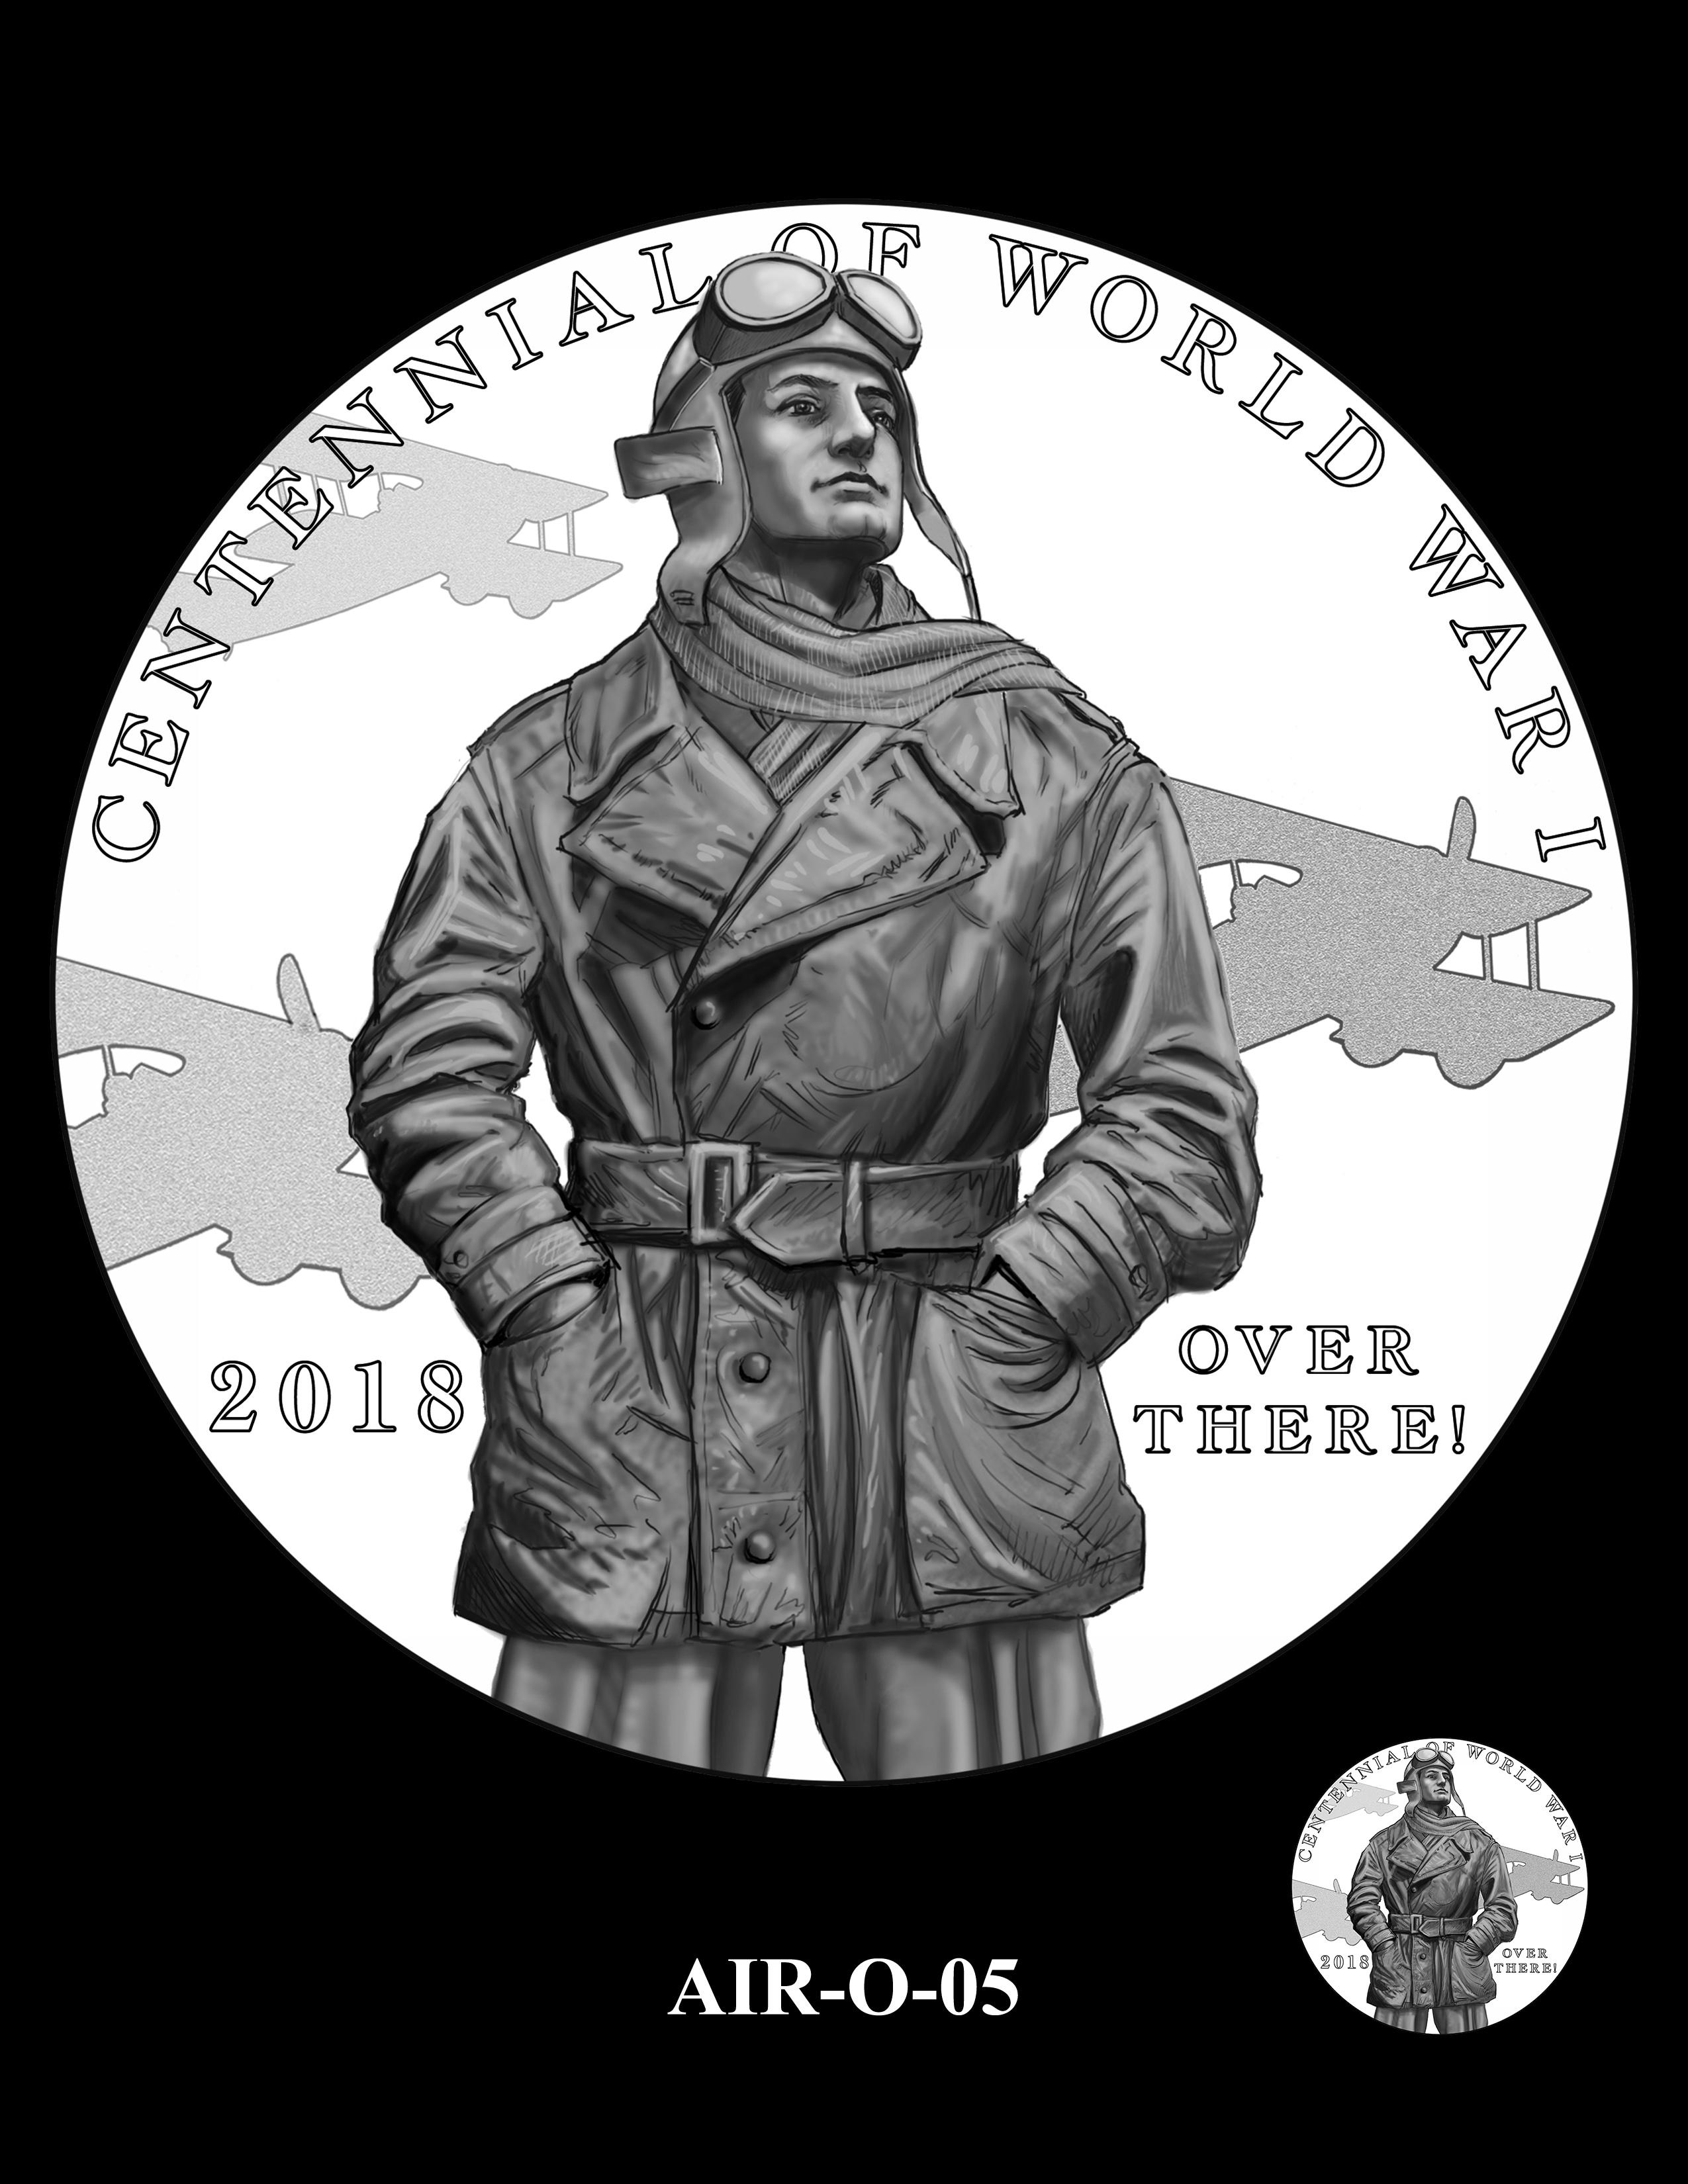 P1-AIR-O-05 -- 2018-World War I Silver Medals - Air Service